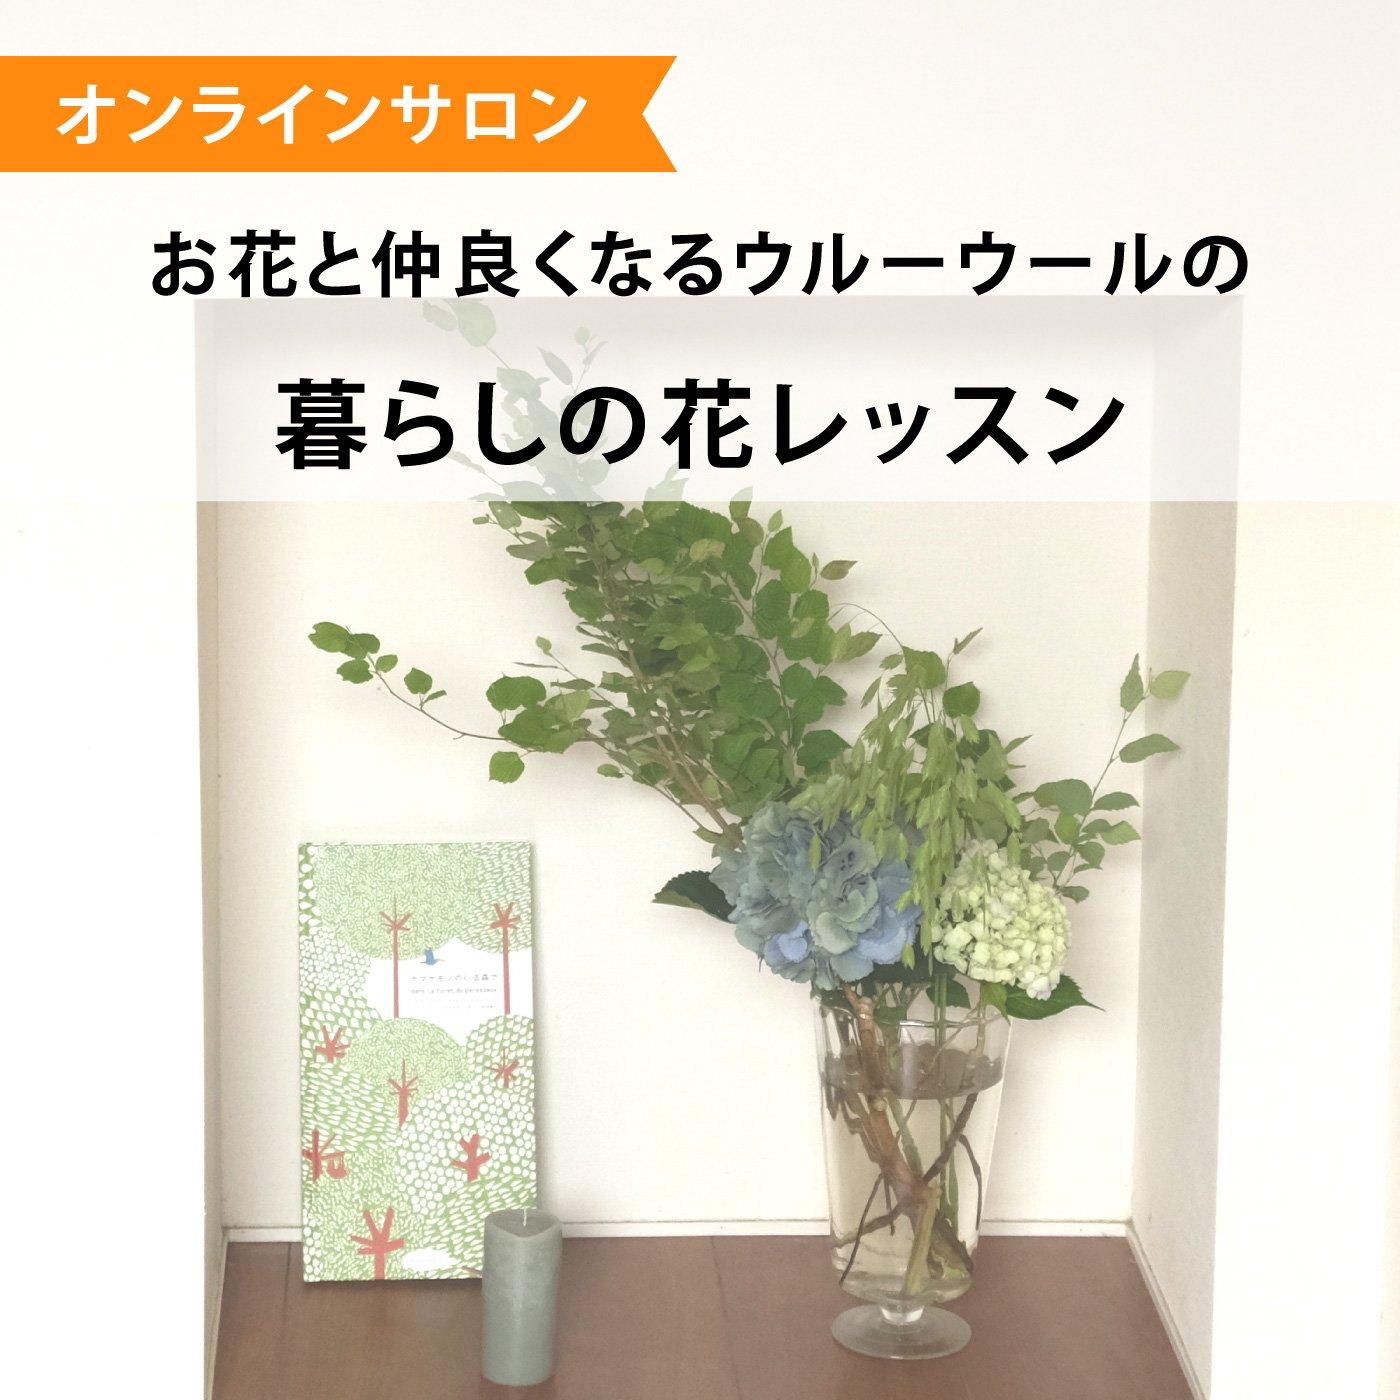 【オンラインサロン】お花と仲良くなるウルーウールの暮らしの花レッスン